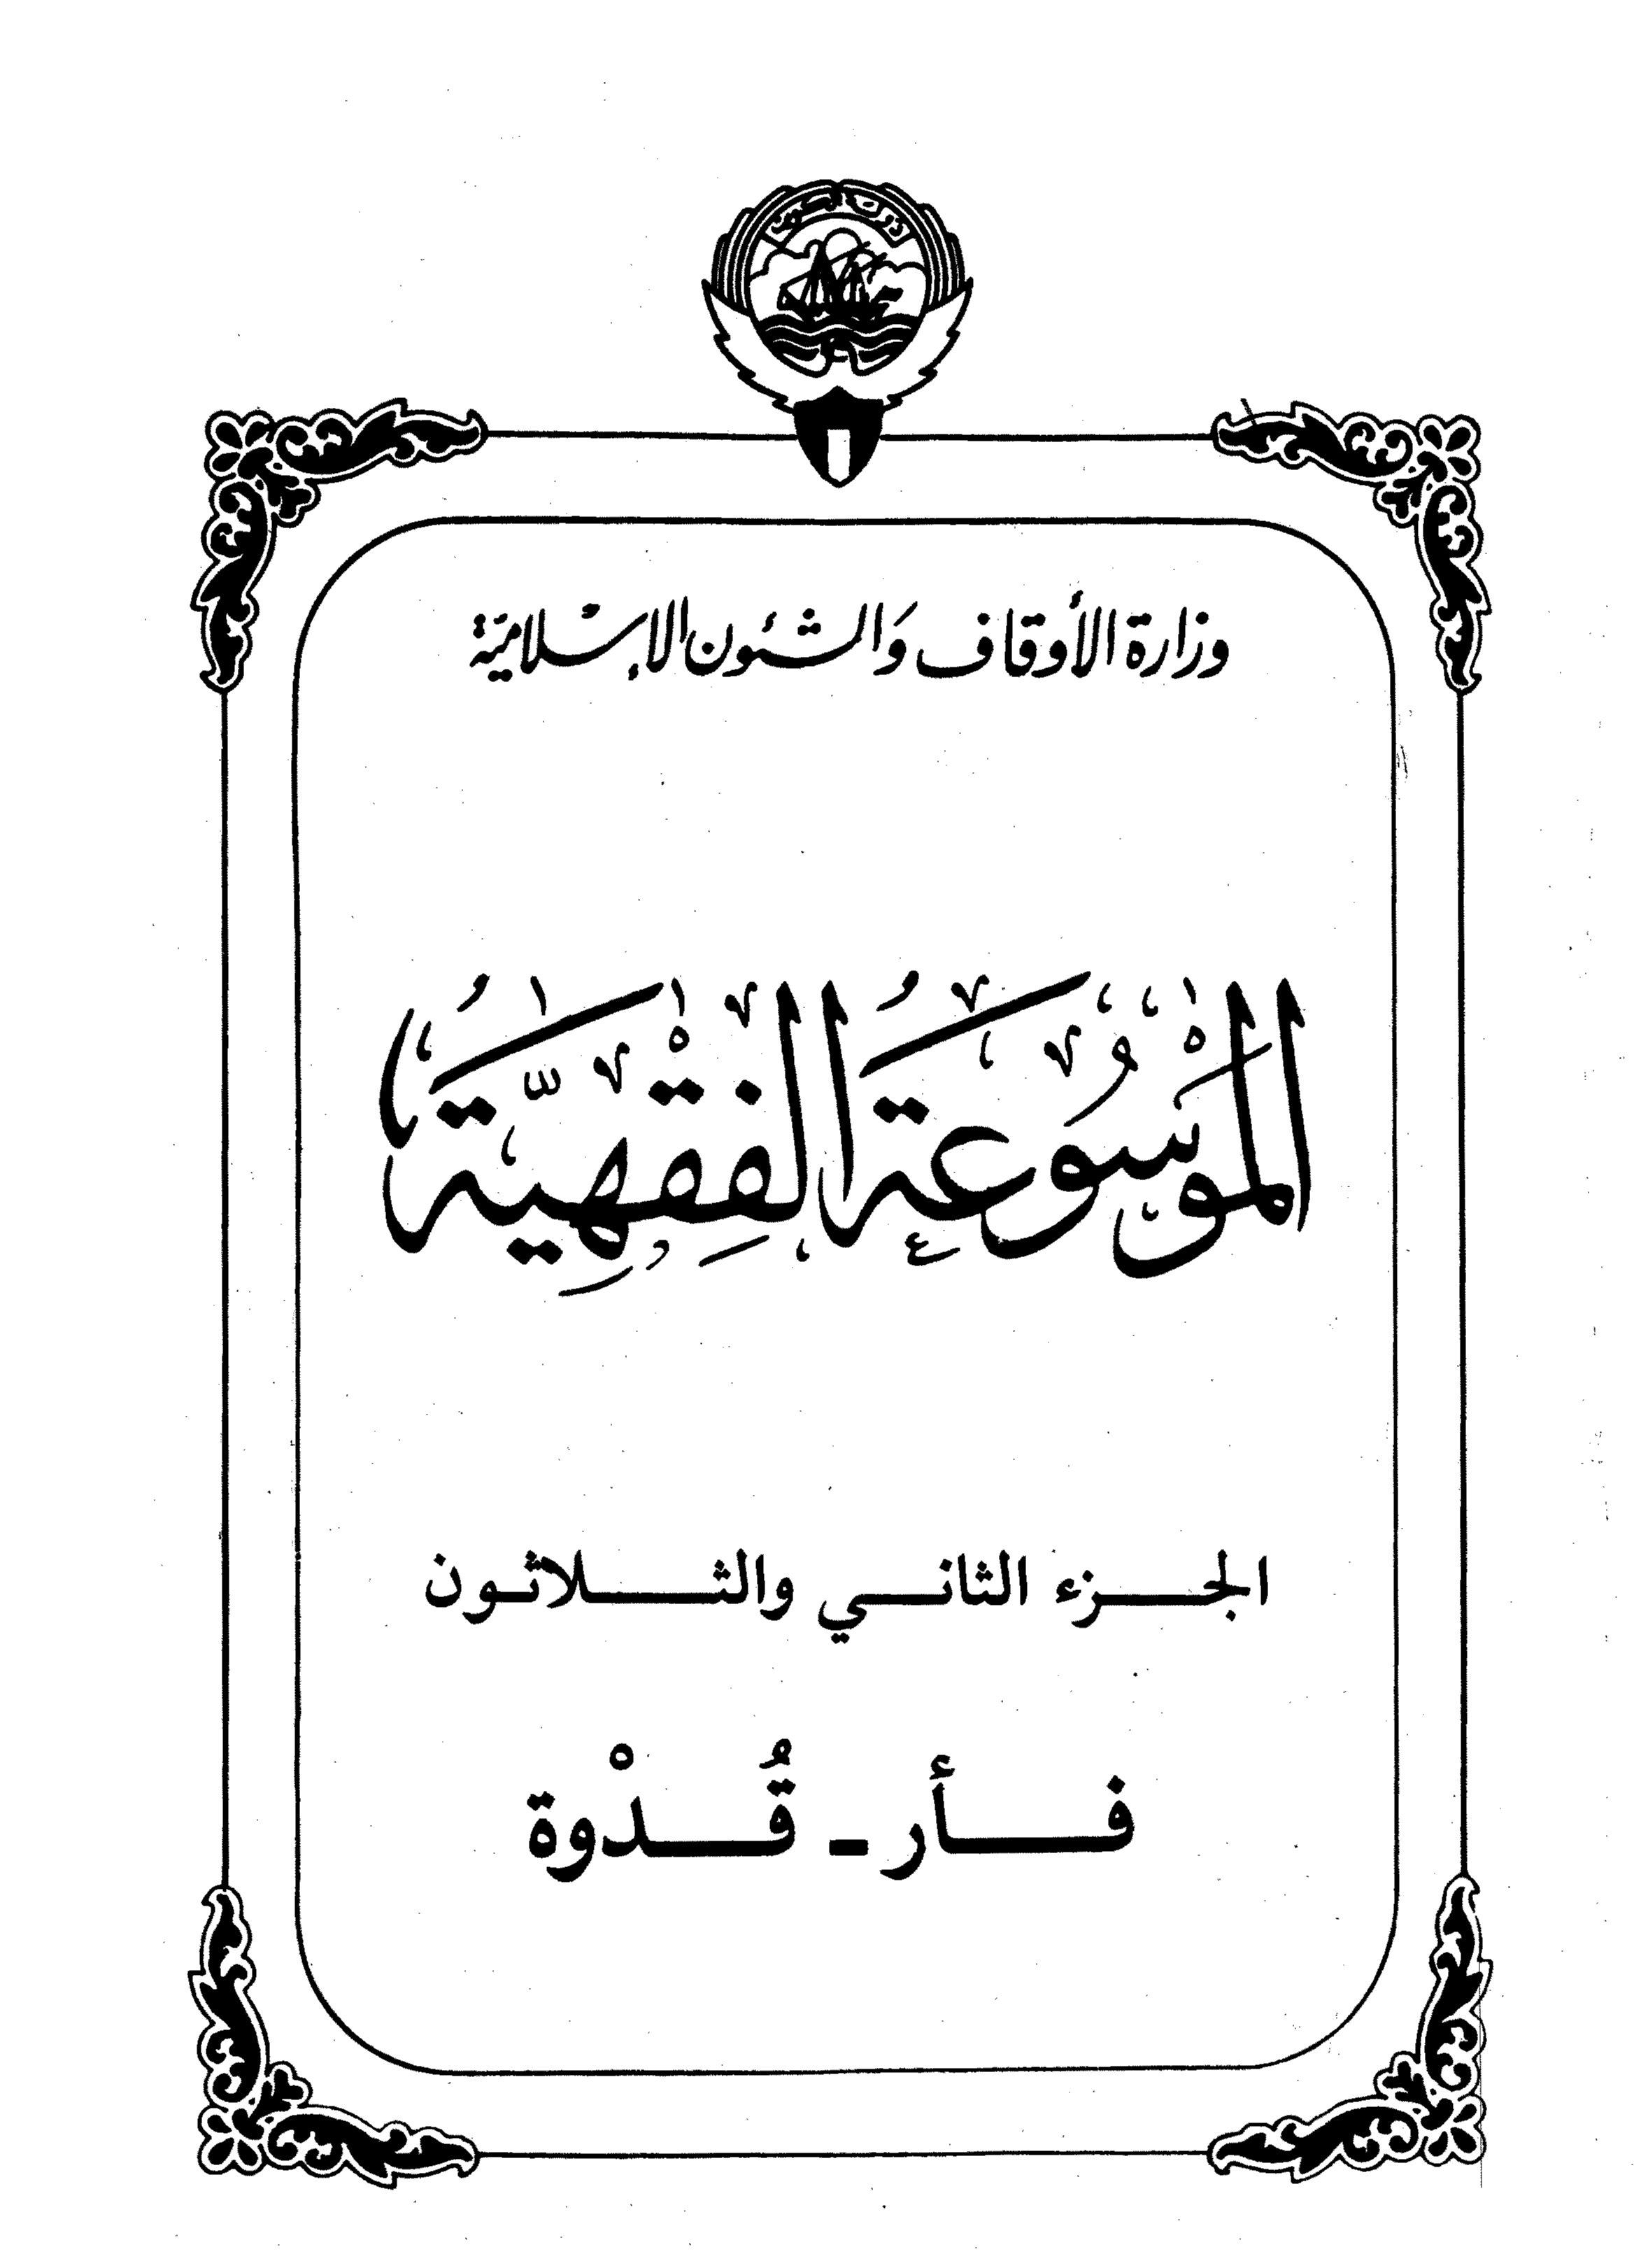 الموسوعة الفقهية الكويتية- الجزء الثاني والثلاثون (فأر - قدوة)